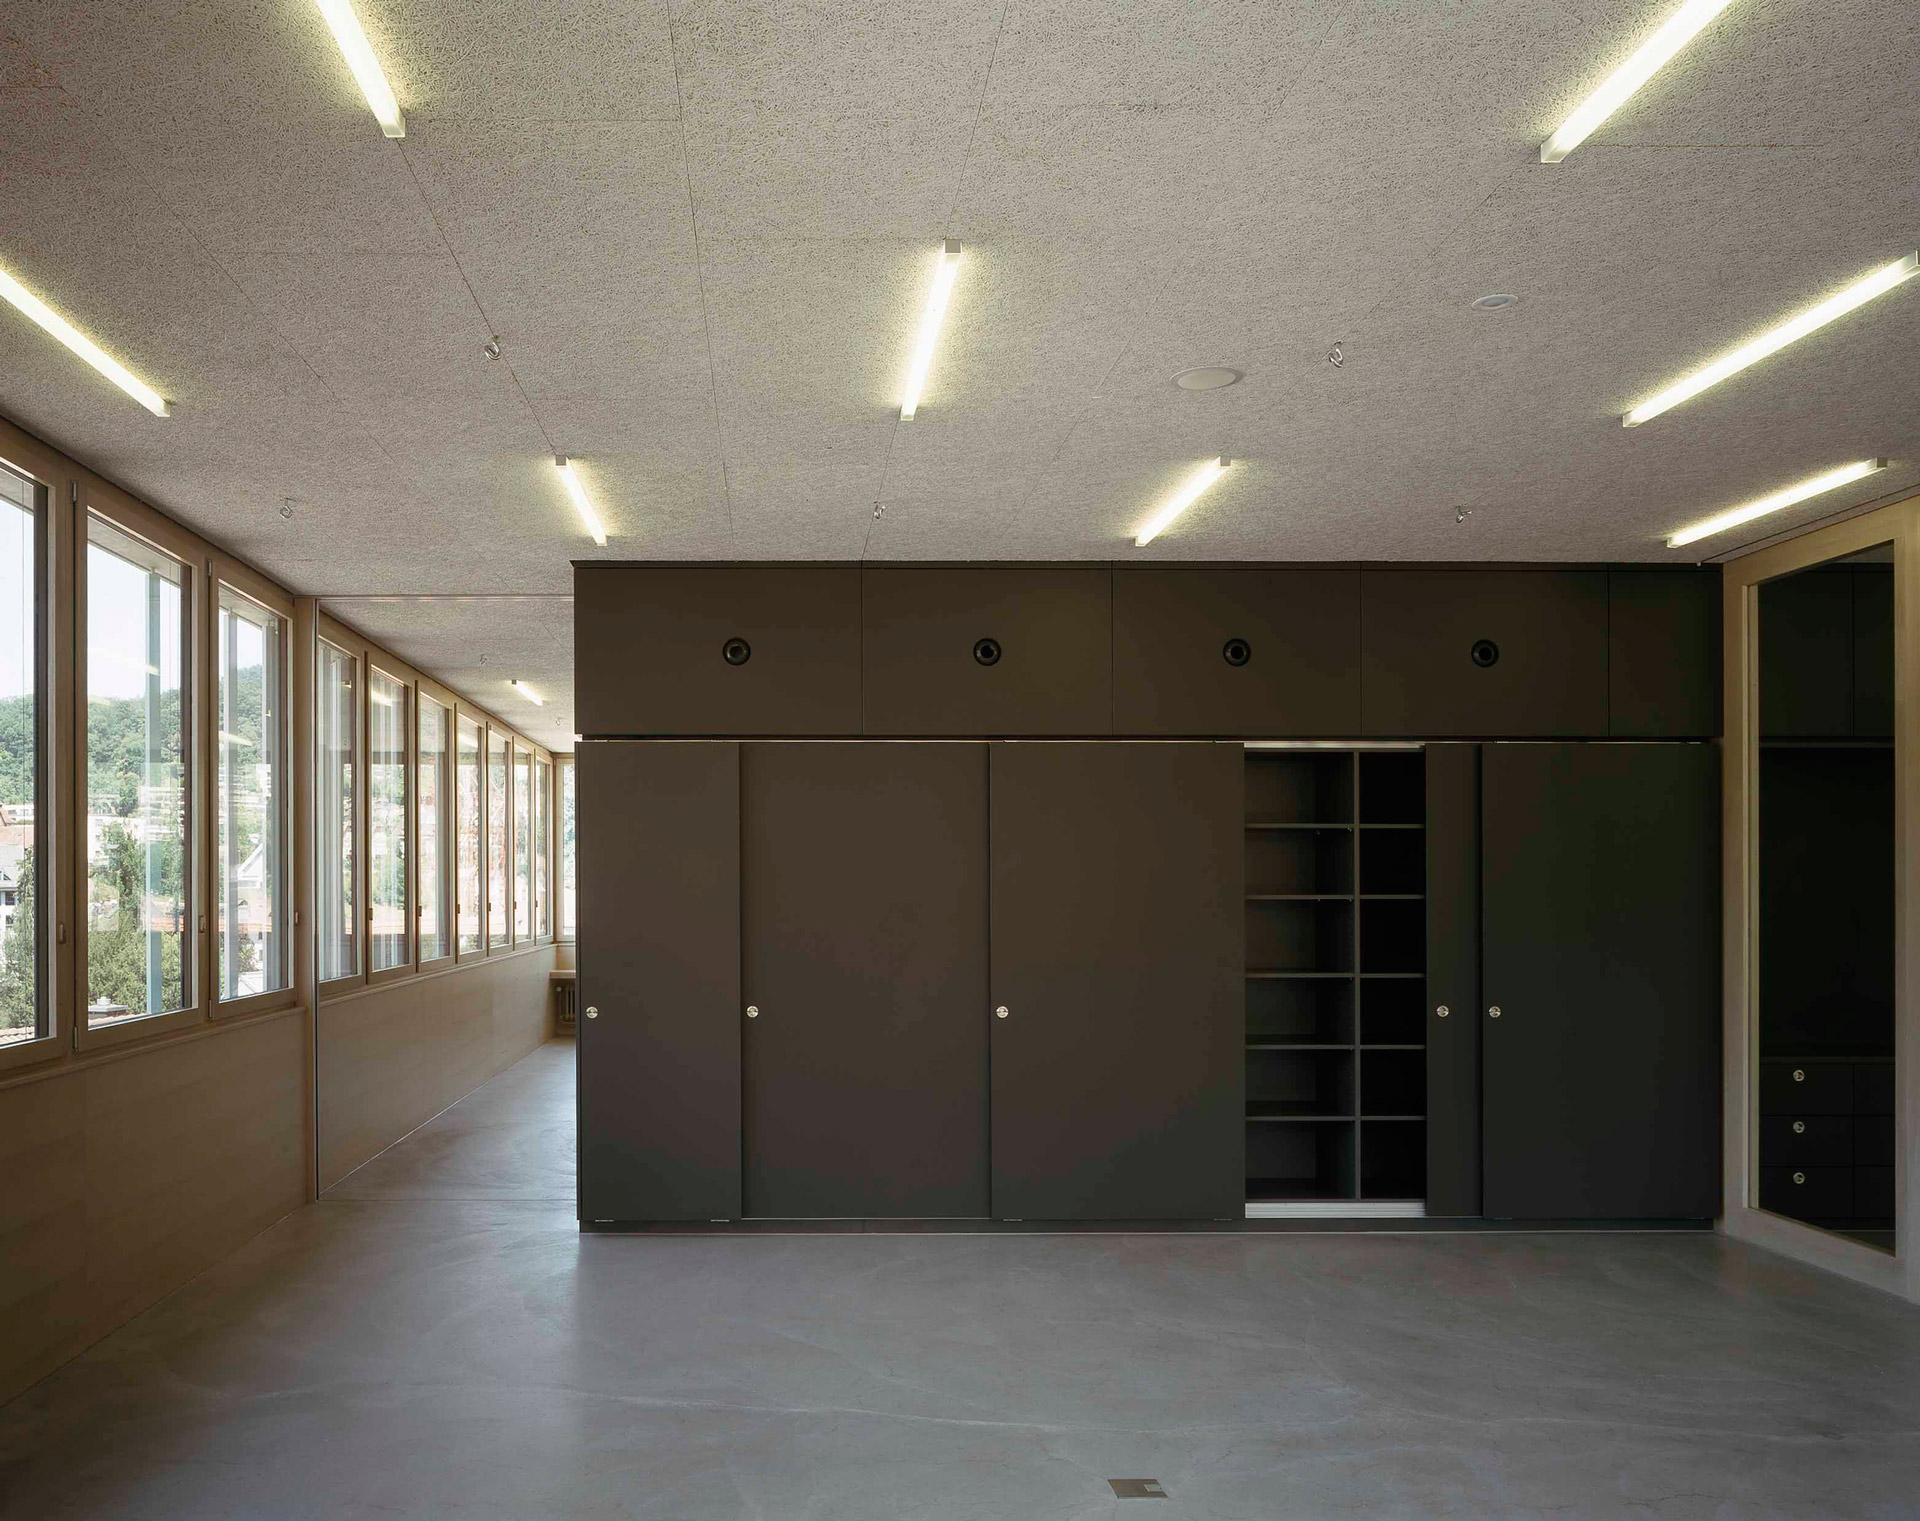 Schulhaus Grendel Ennetbaden | stoosarchitekten